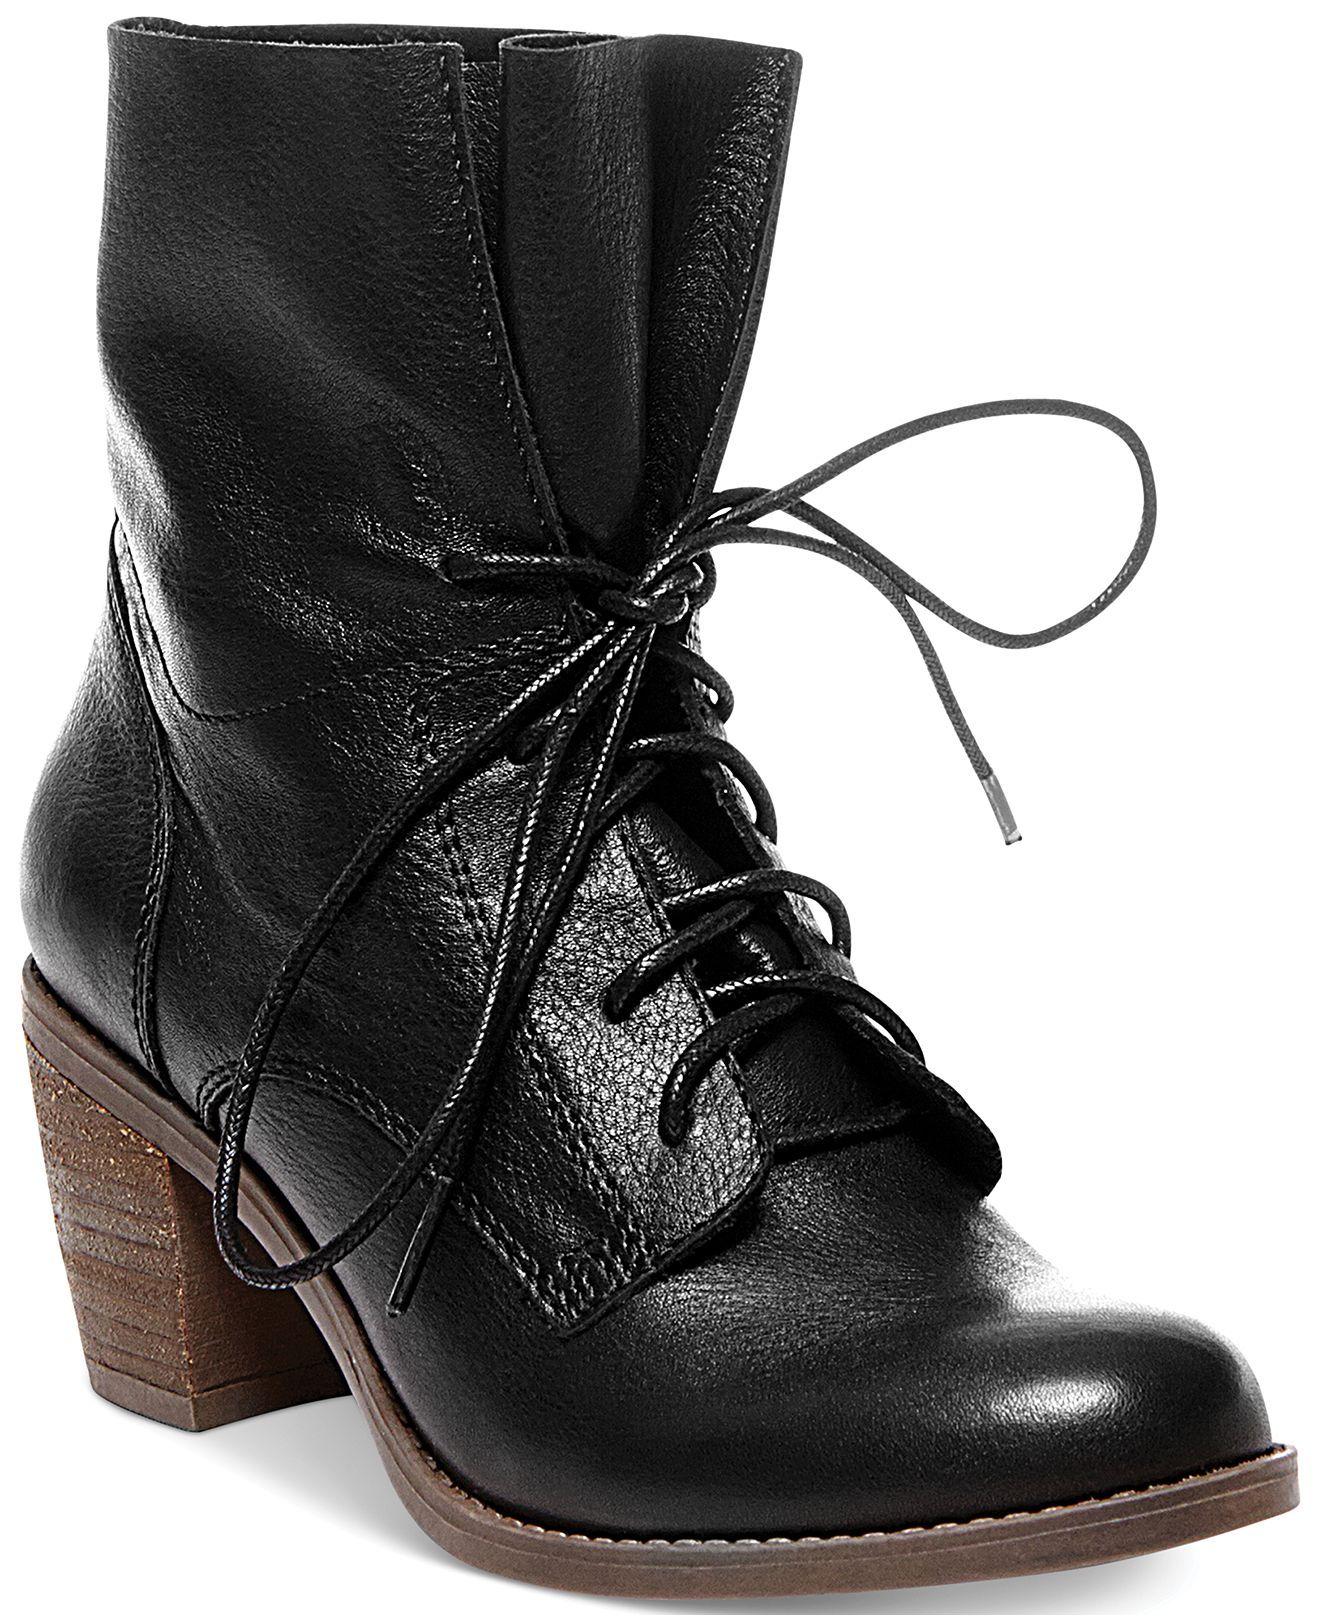 12455890ce8 Steve Madden Women's Gretchun Booties - Steve Madden - Shoes ...